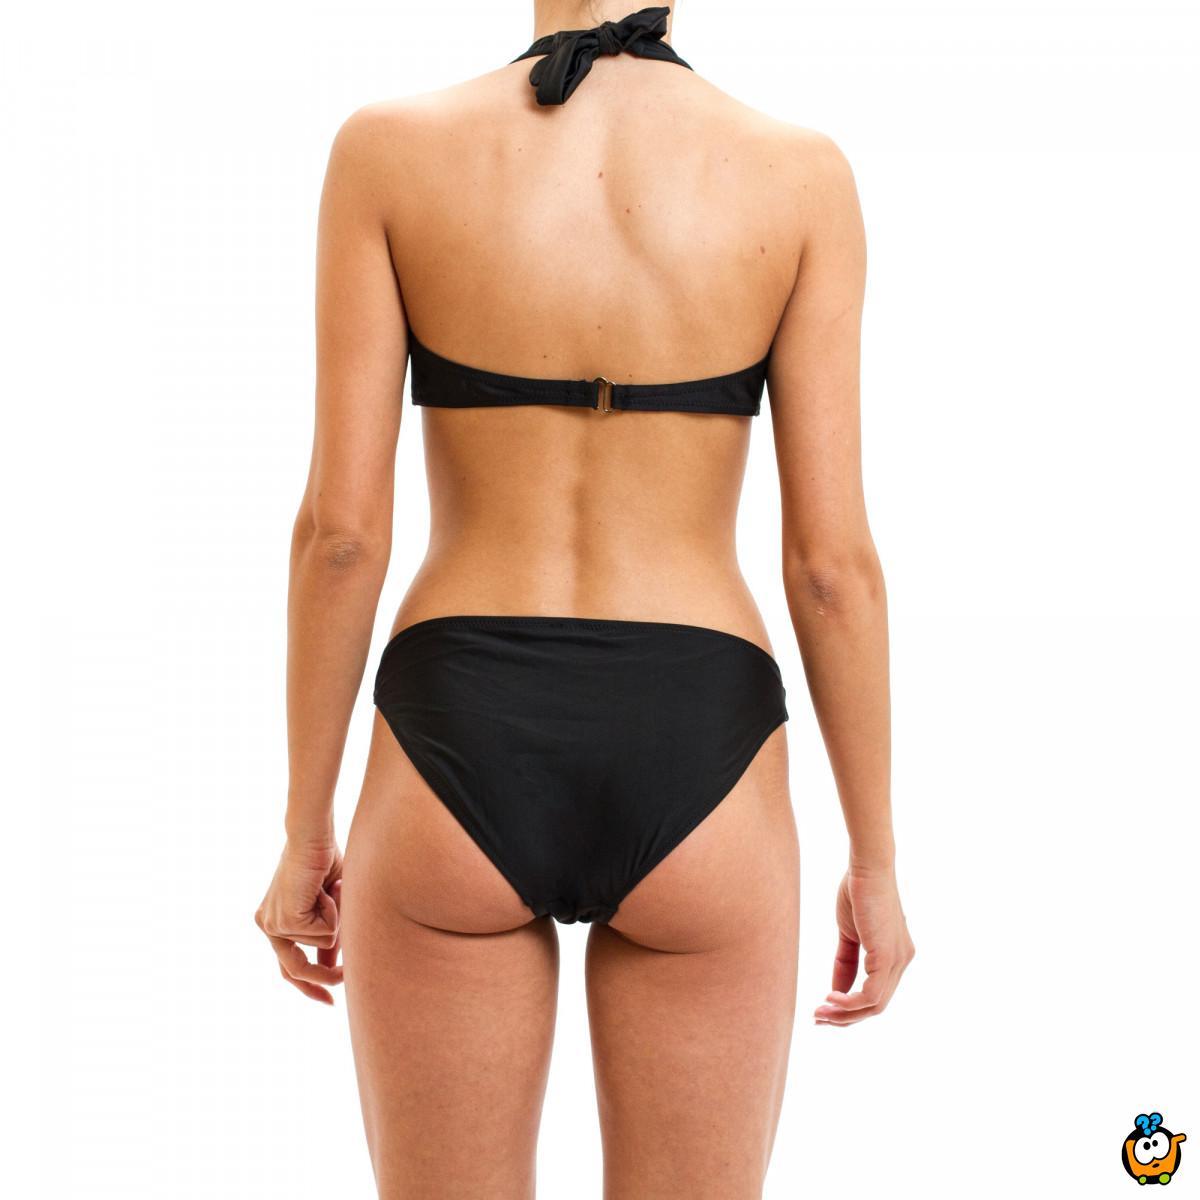 Dvodelni ženski kupaći kostim - BUST UP BLACK